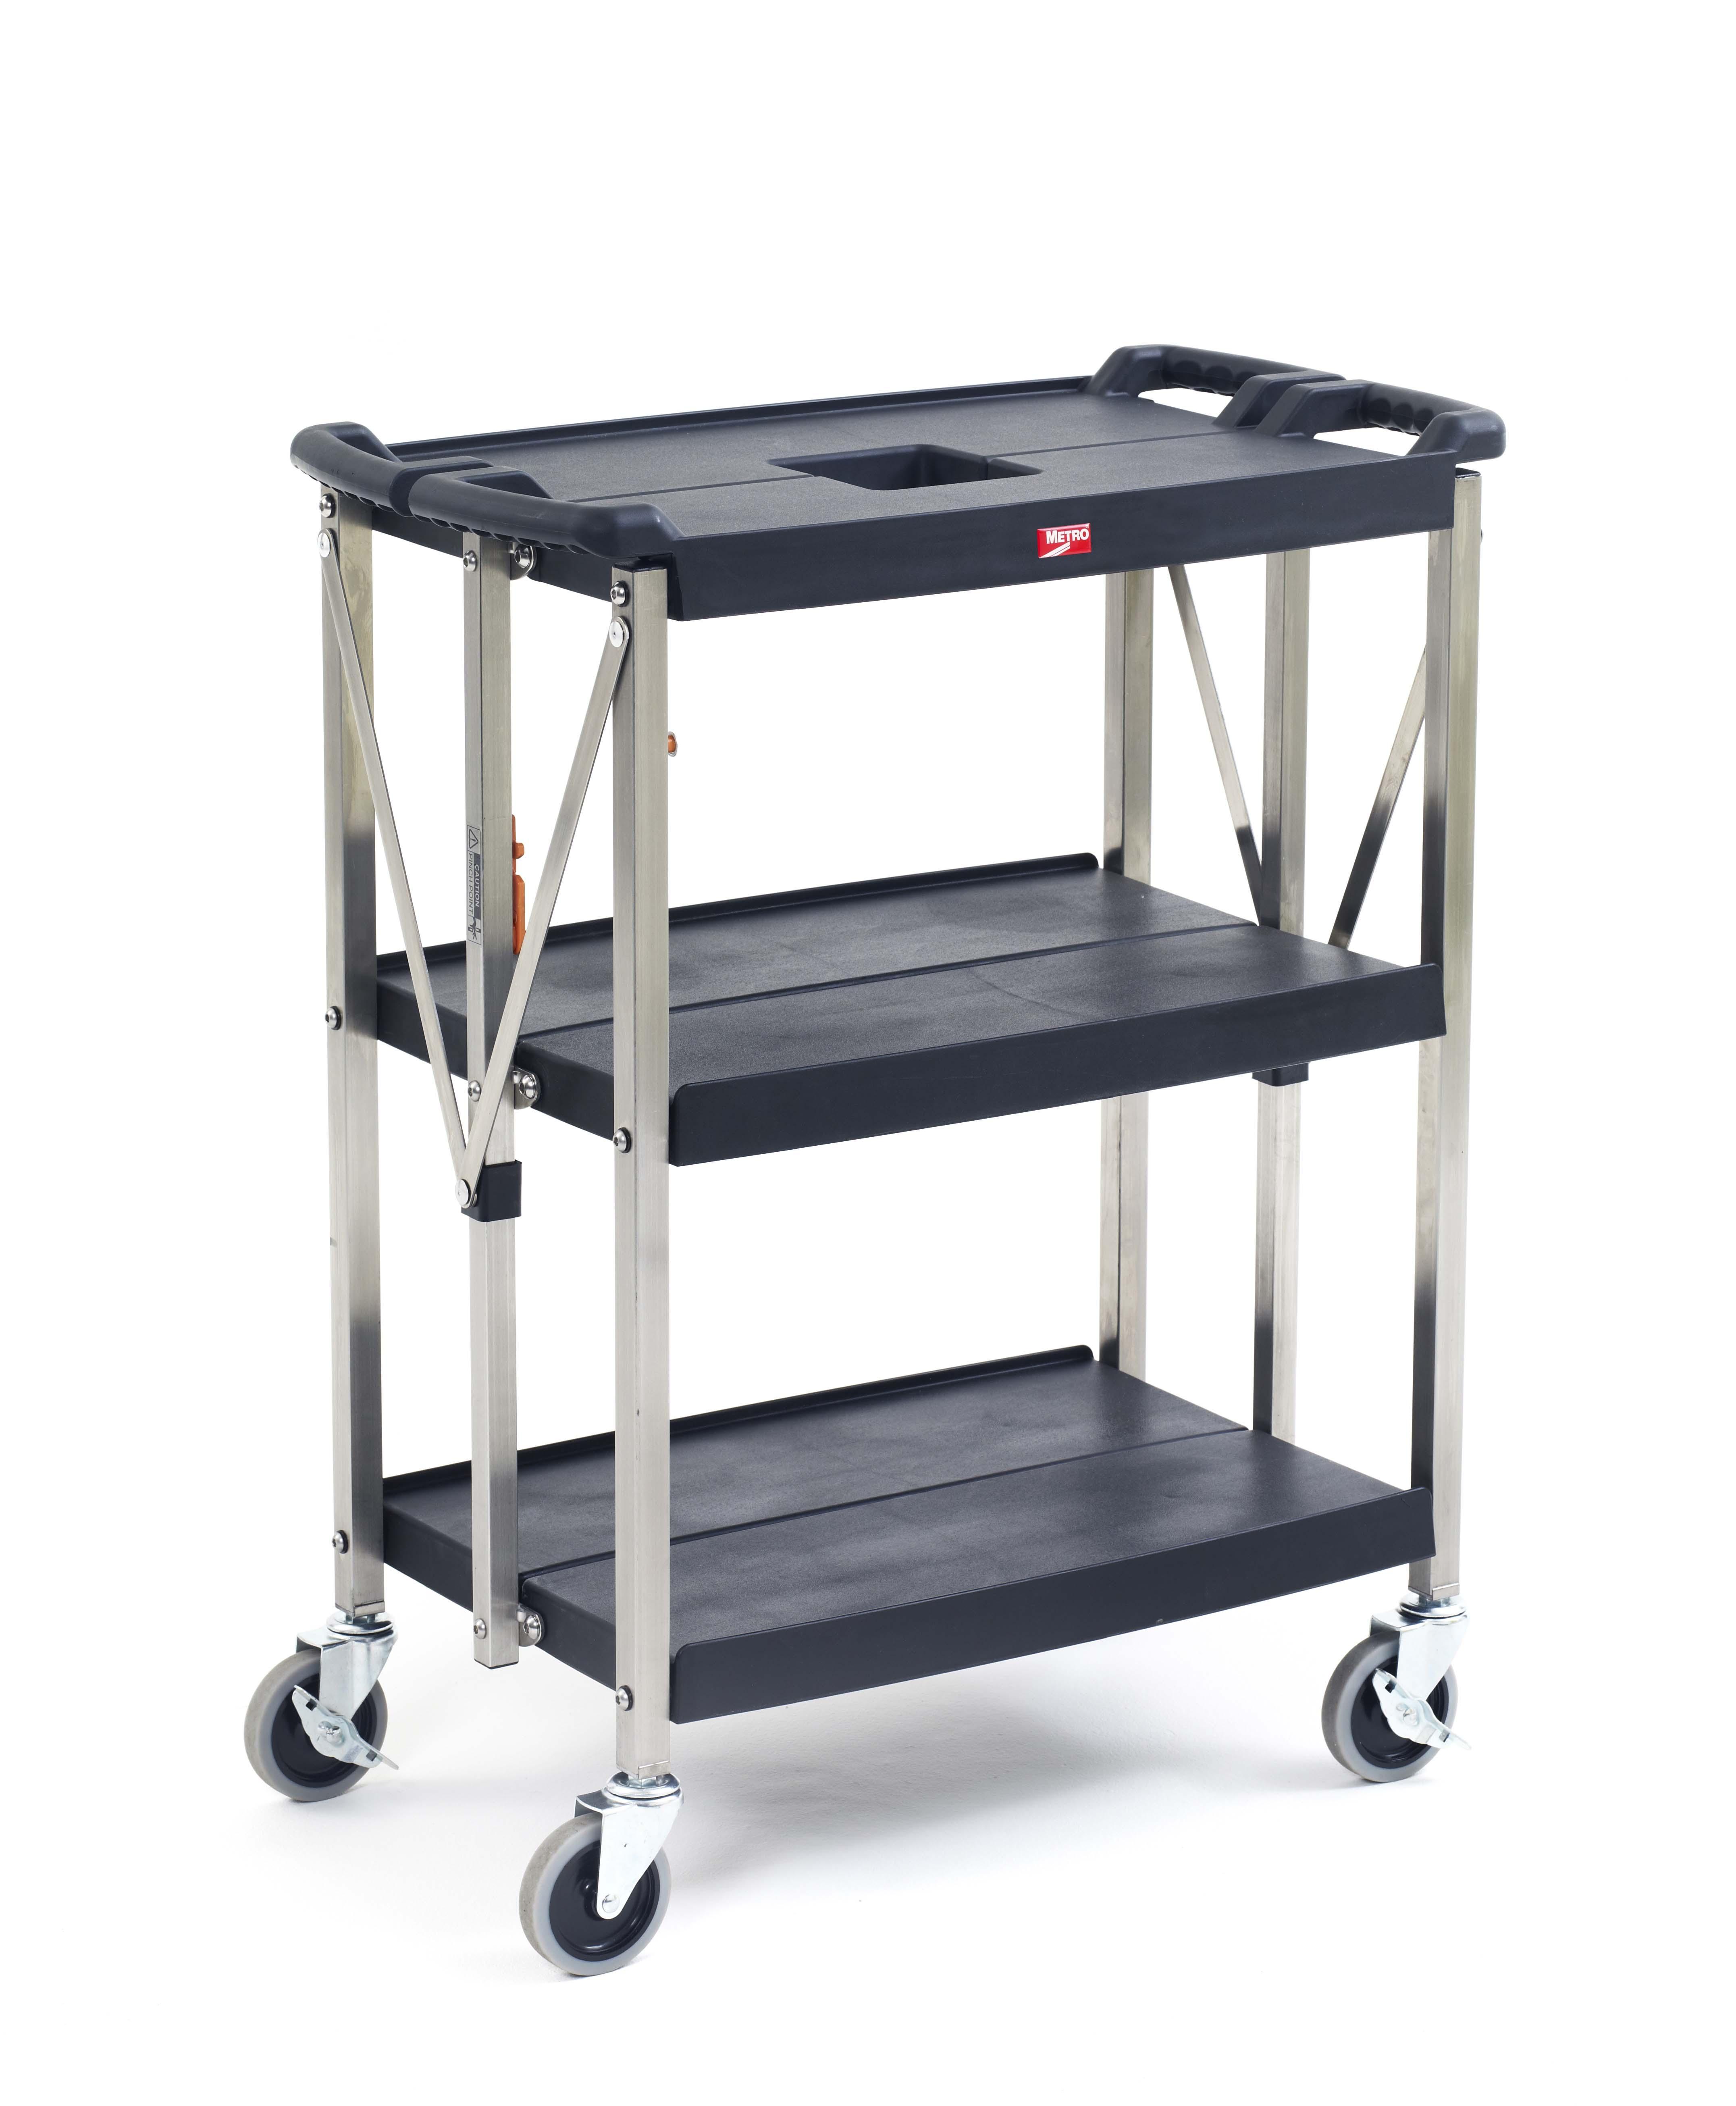 Myfold Polymer Utility Cart